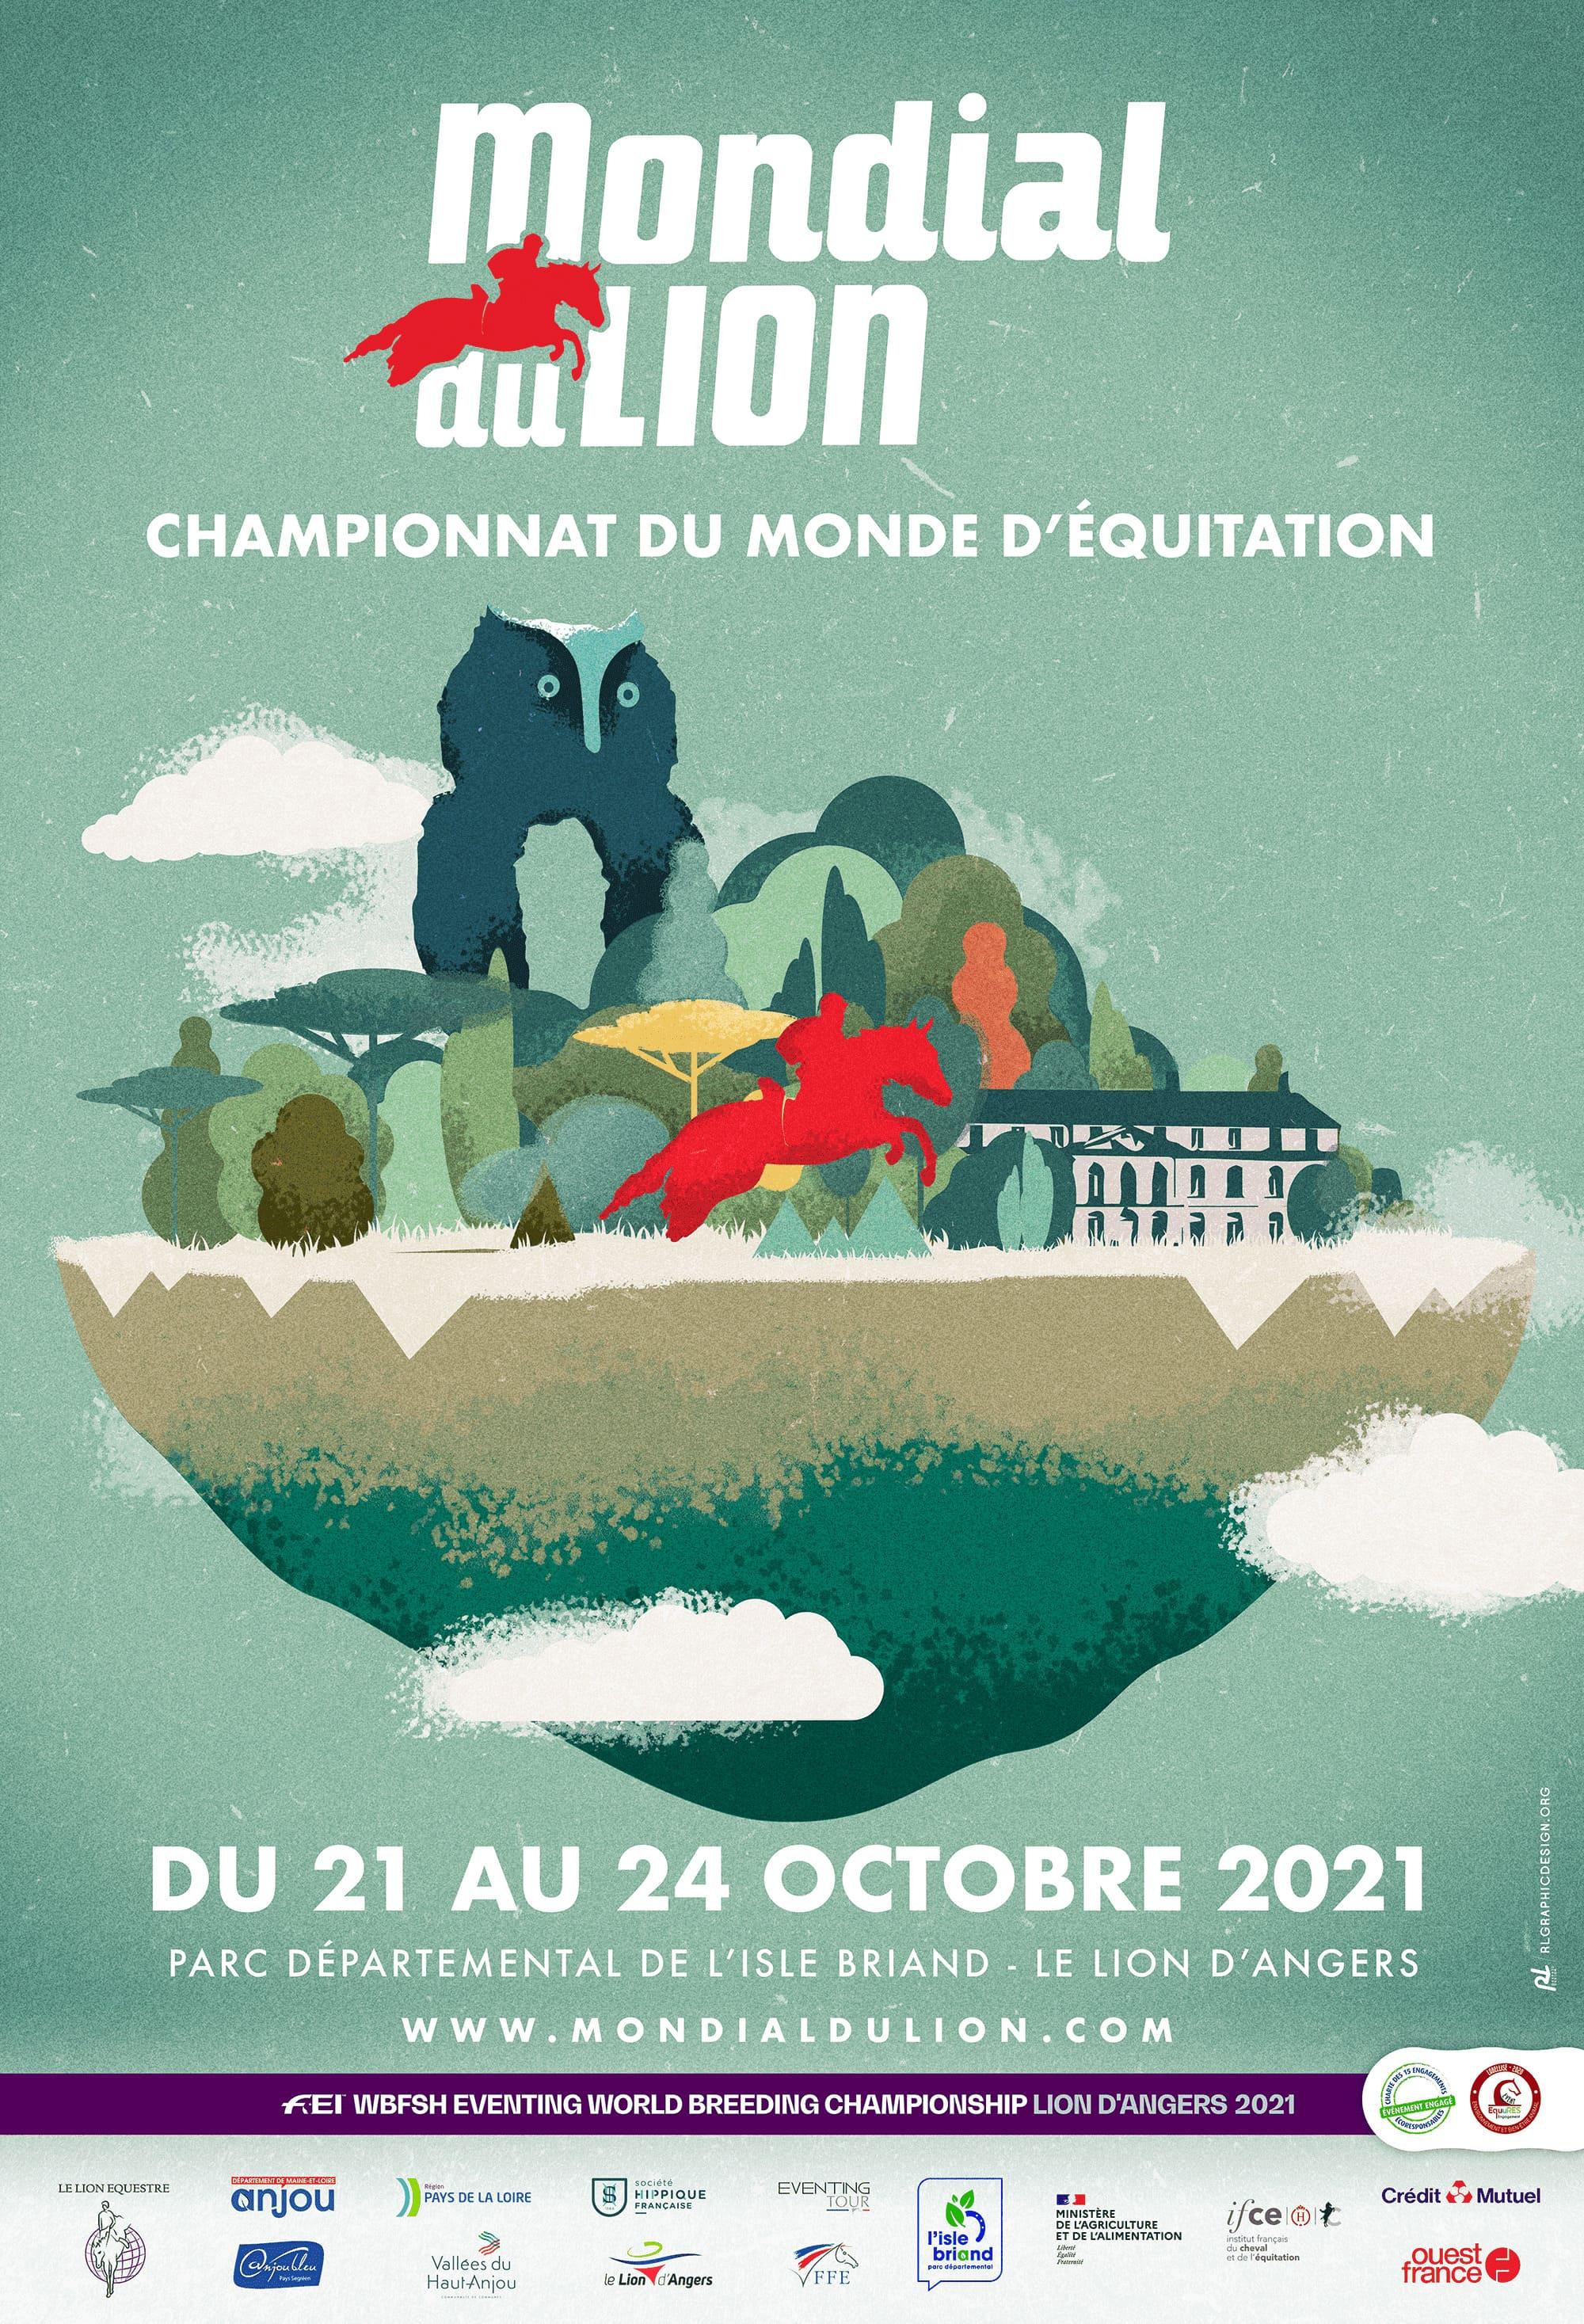 Mondial du Lion d'Angers - Du 21 au 24 octobre 2021